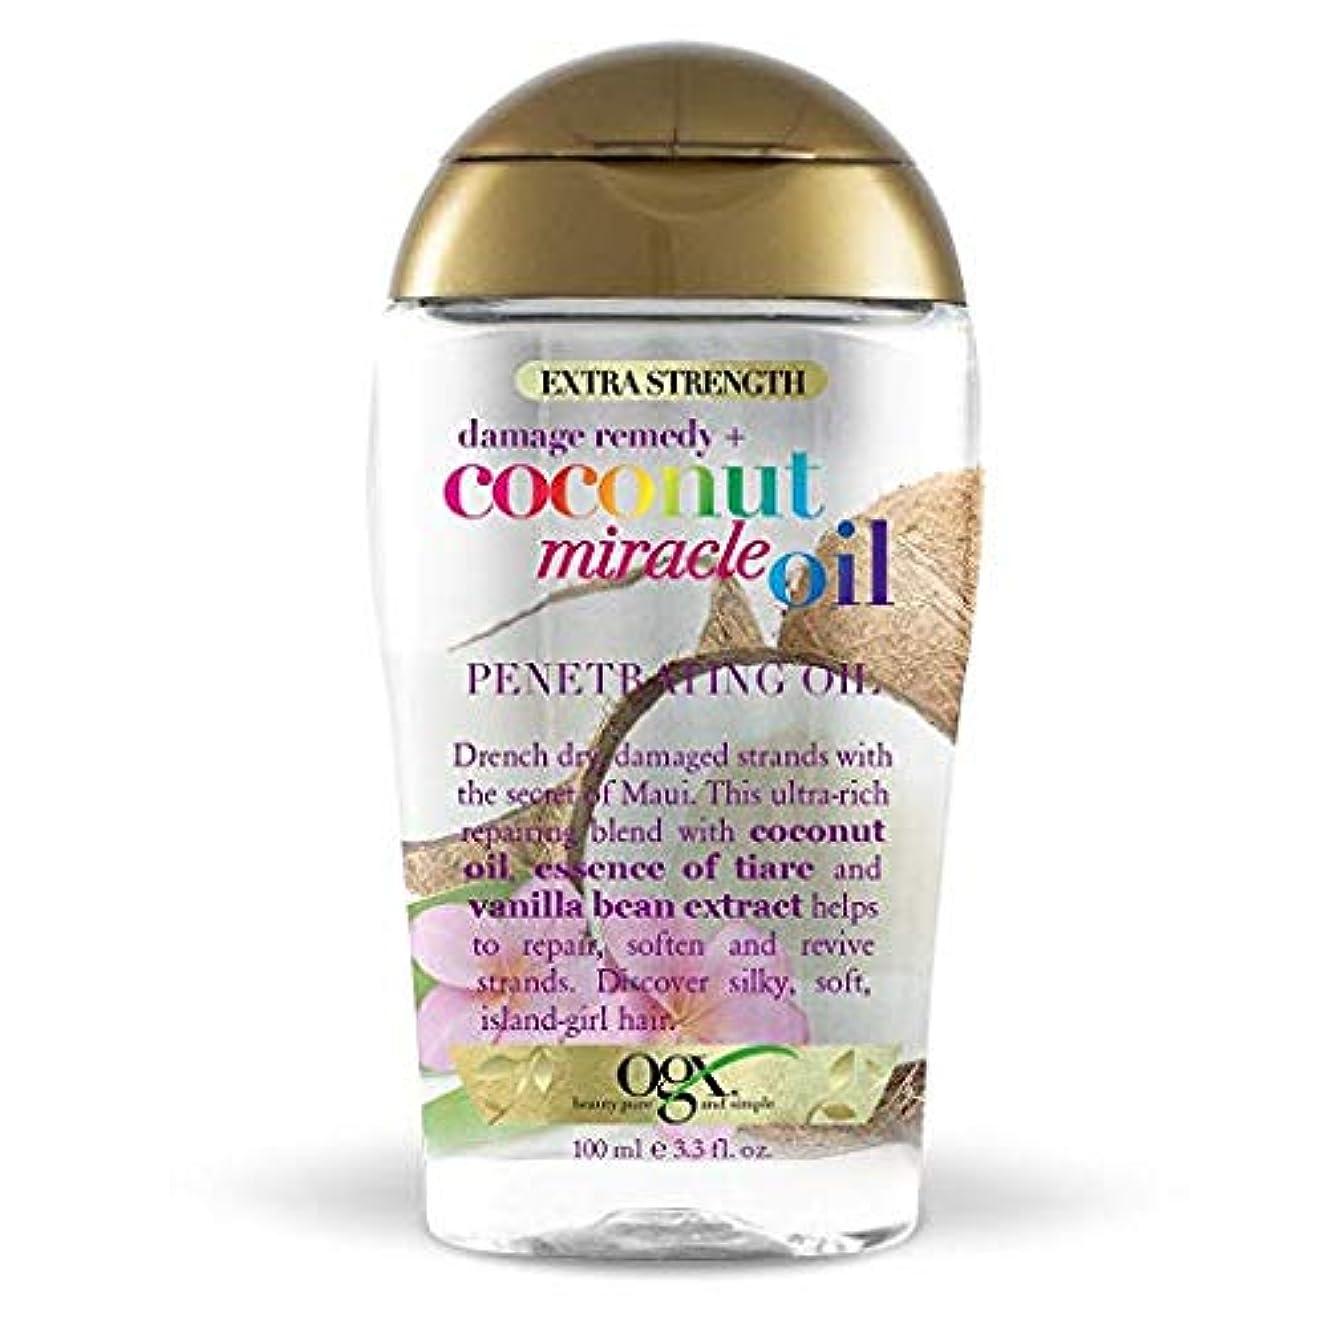 音海上内向きOgx Penetrating Oil Coconut Miracle Oil Extra Strength 3.3oz OGX ココナッツミラクルオイル エクストラストレングス ペネトレーティング オイル 100ml...